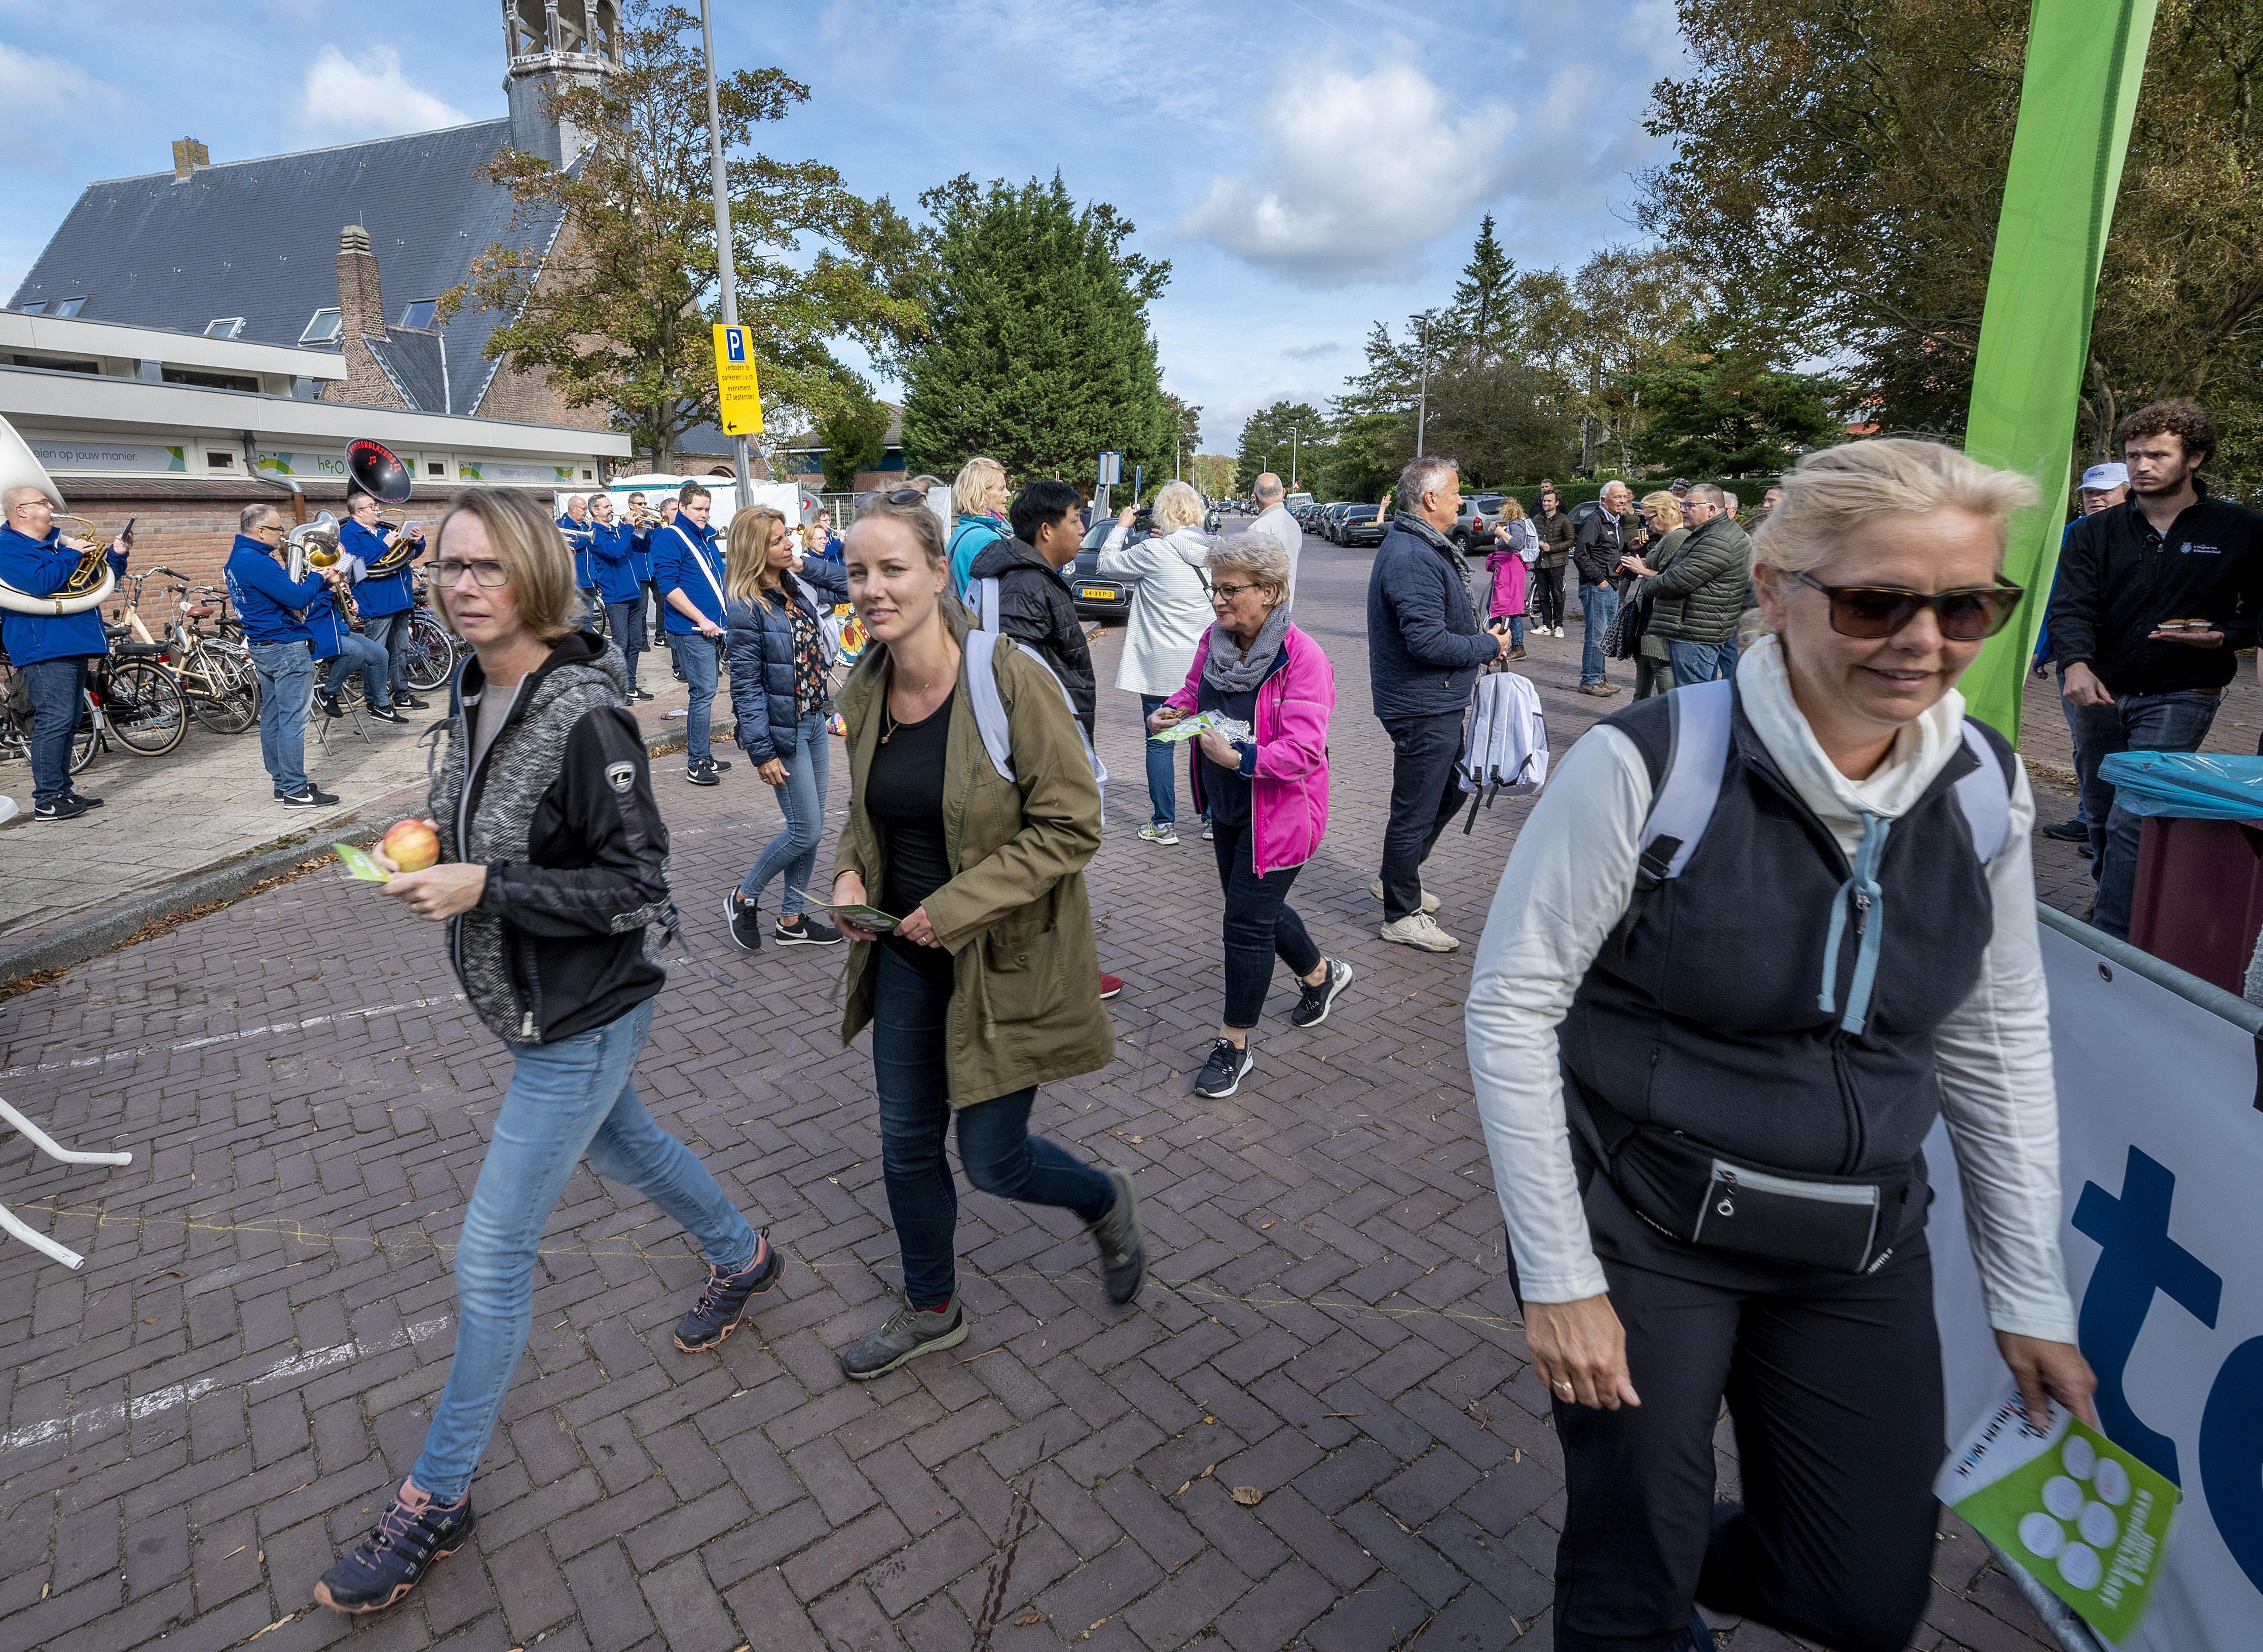 Haarlemse 'Halve Walk' wandelen met vrolijke noten van de Muggenblazers